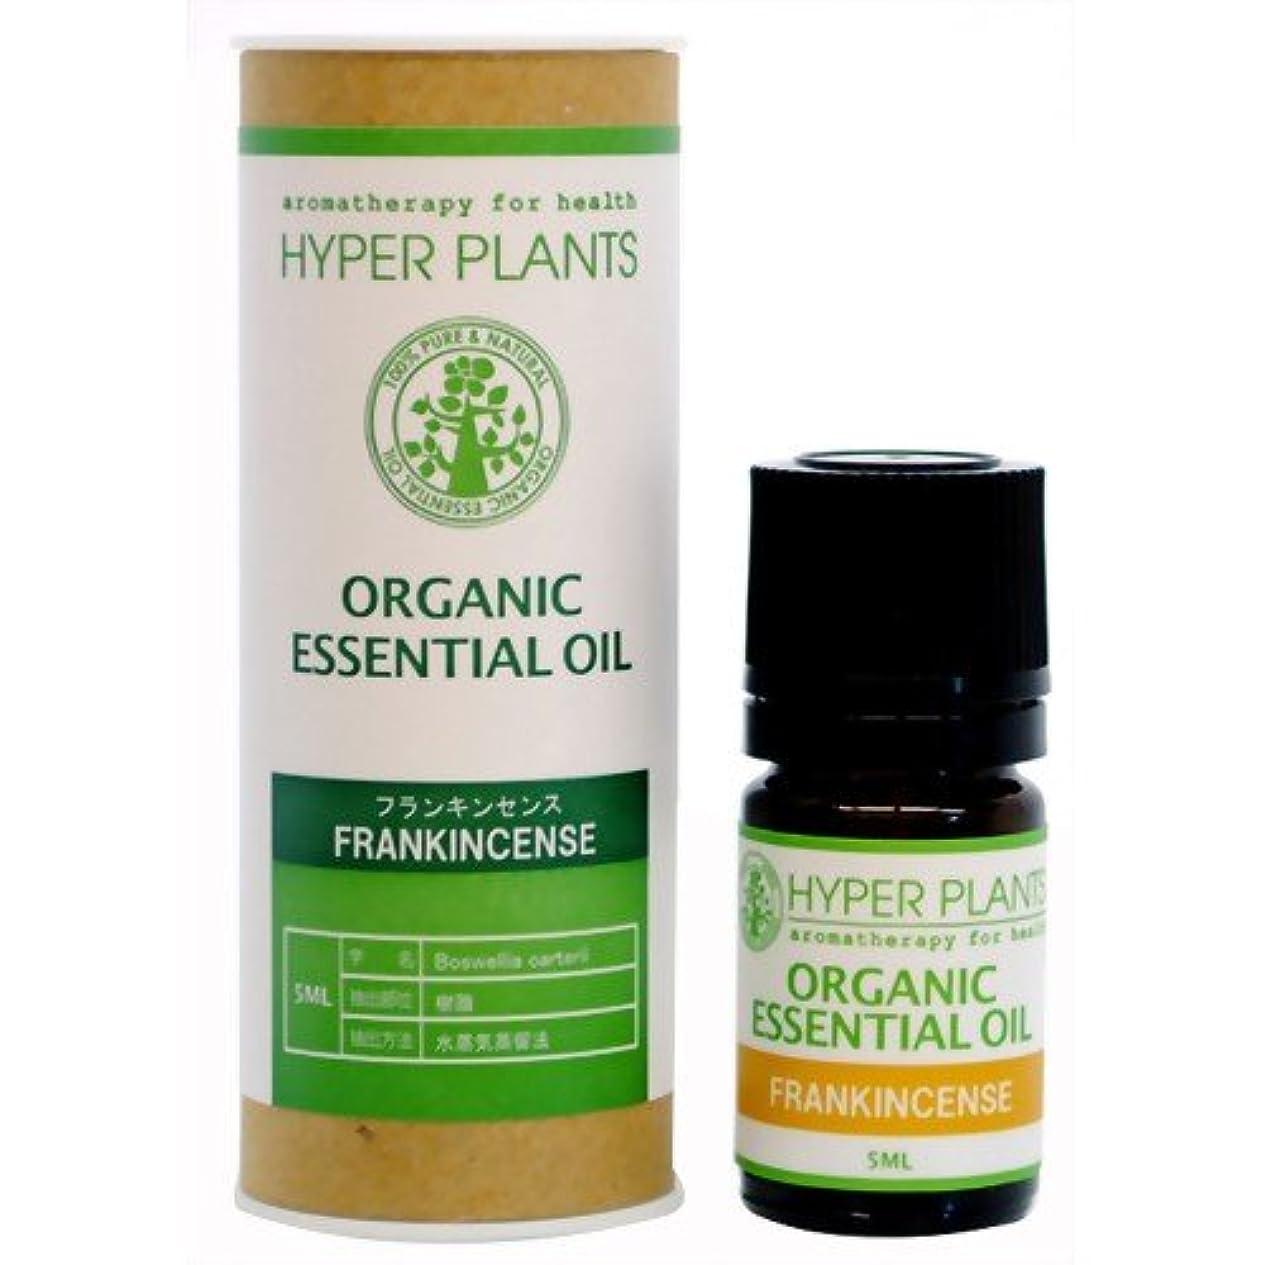 おめでとうコード混合したHYPER PLANTS ハイパープランツ オーガニックエッセンシャルオイル フランキンセンス 5ml HE0024